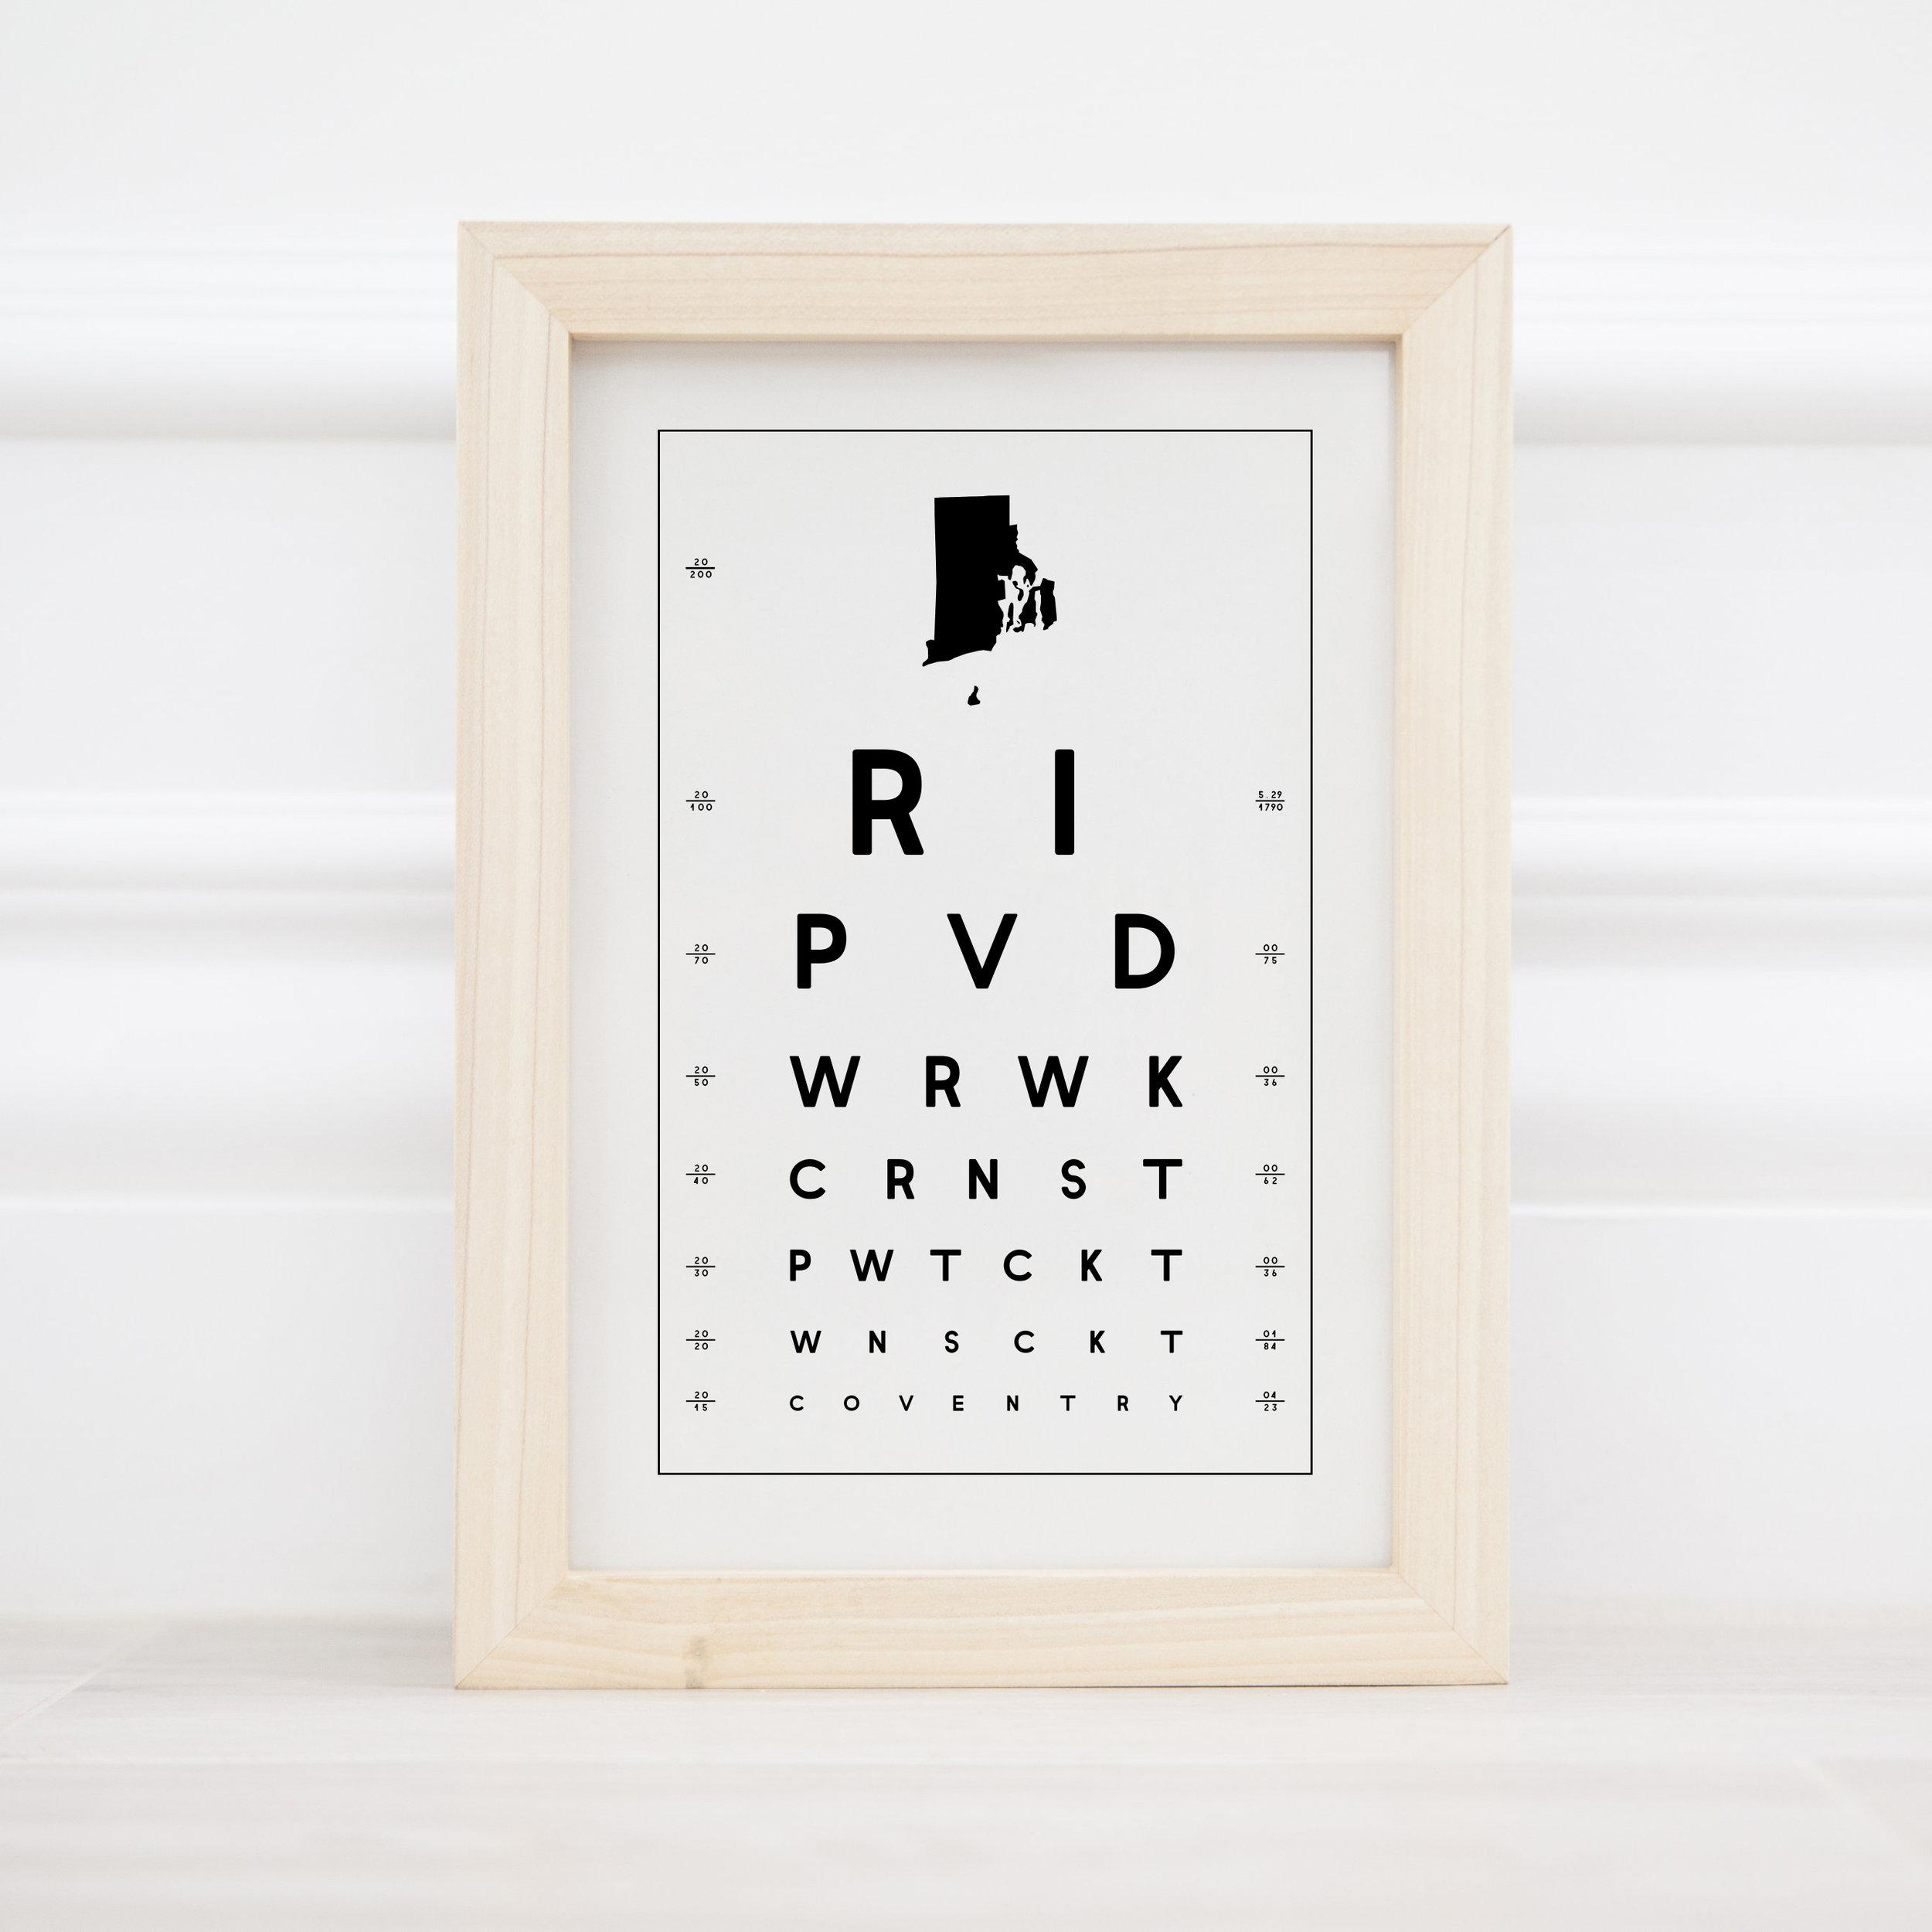 RI Framed1-1.jpg